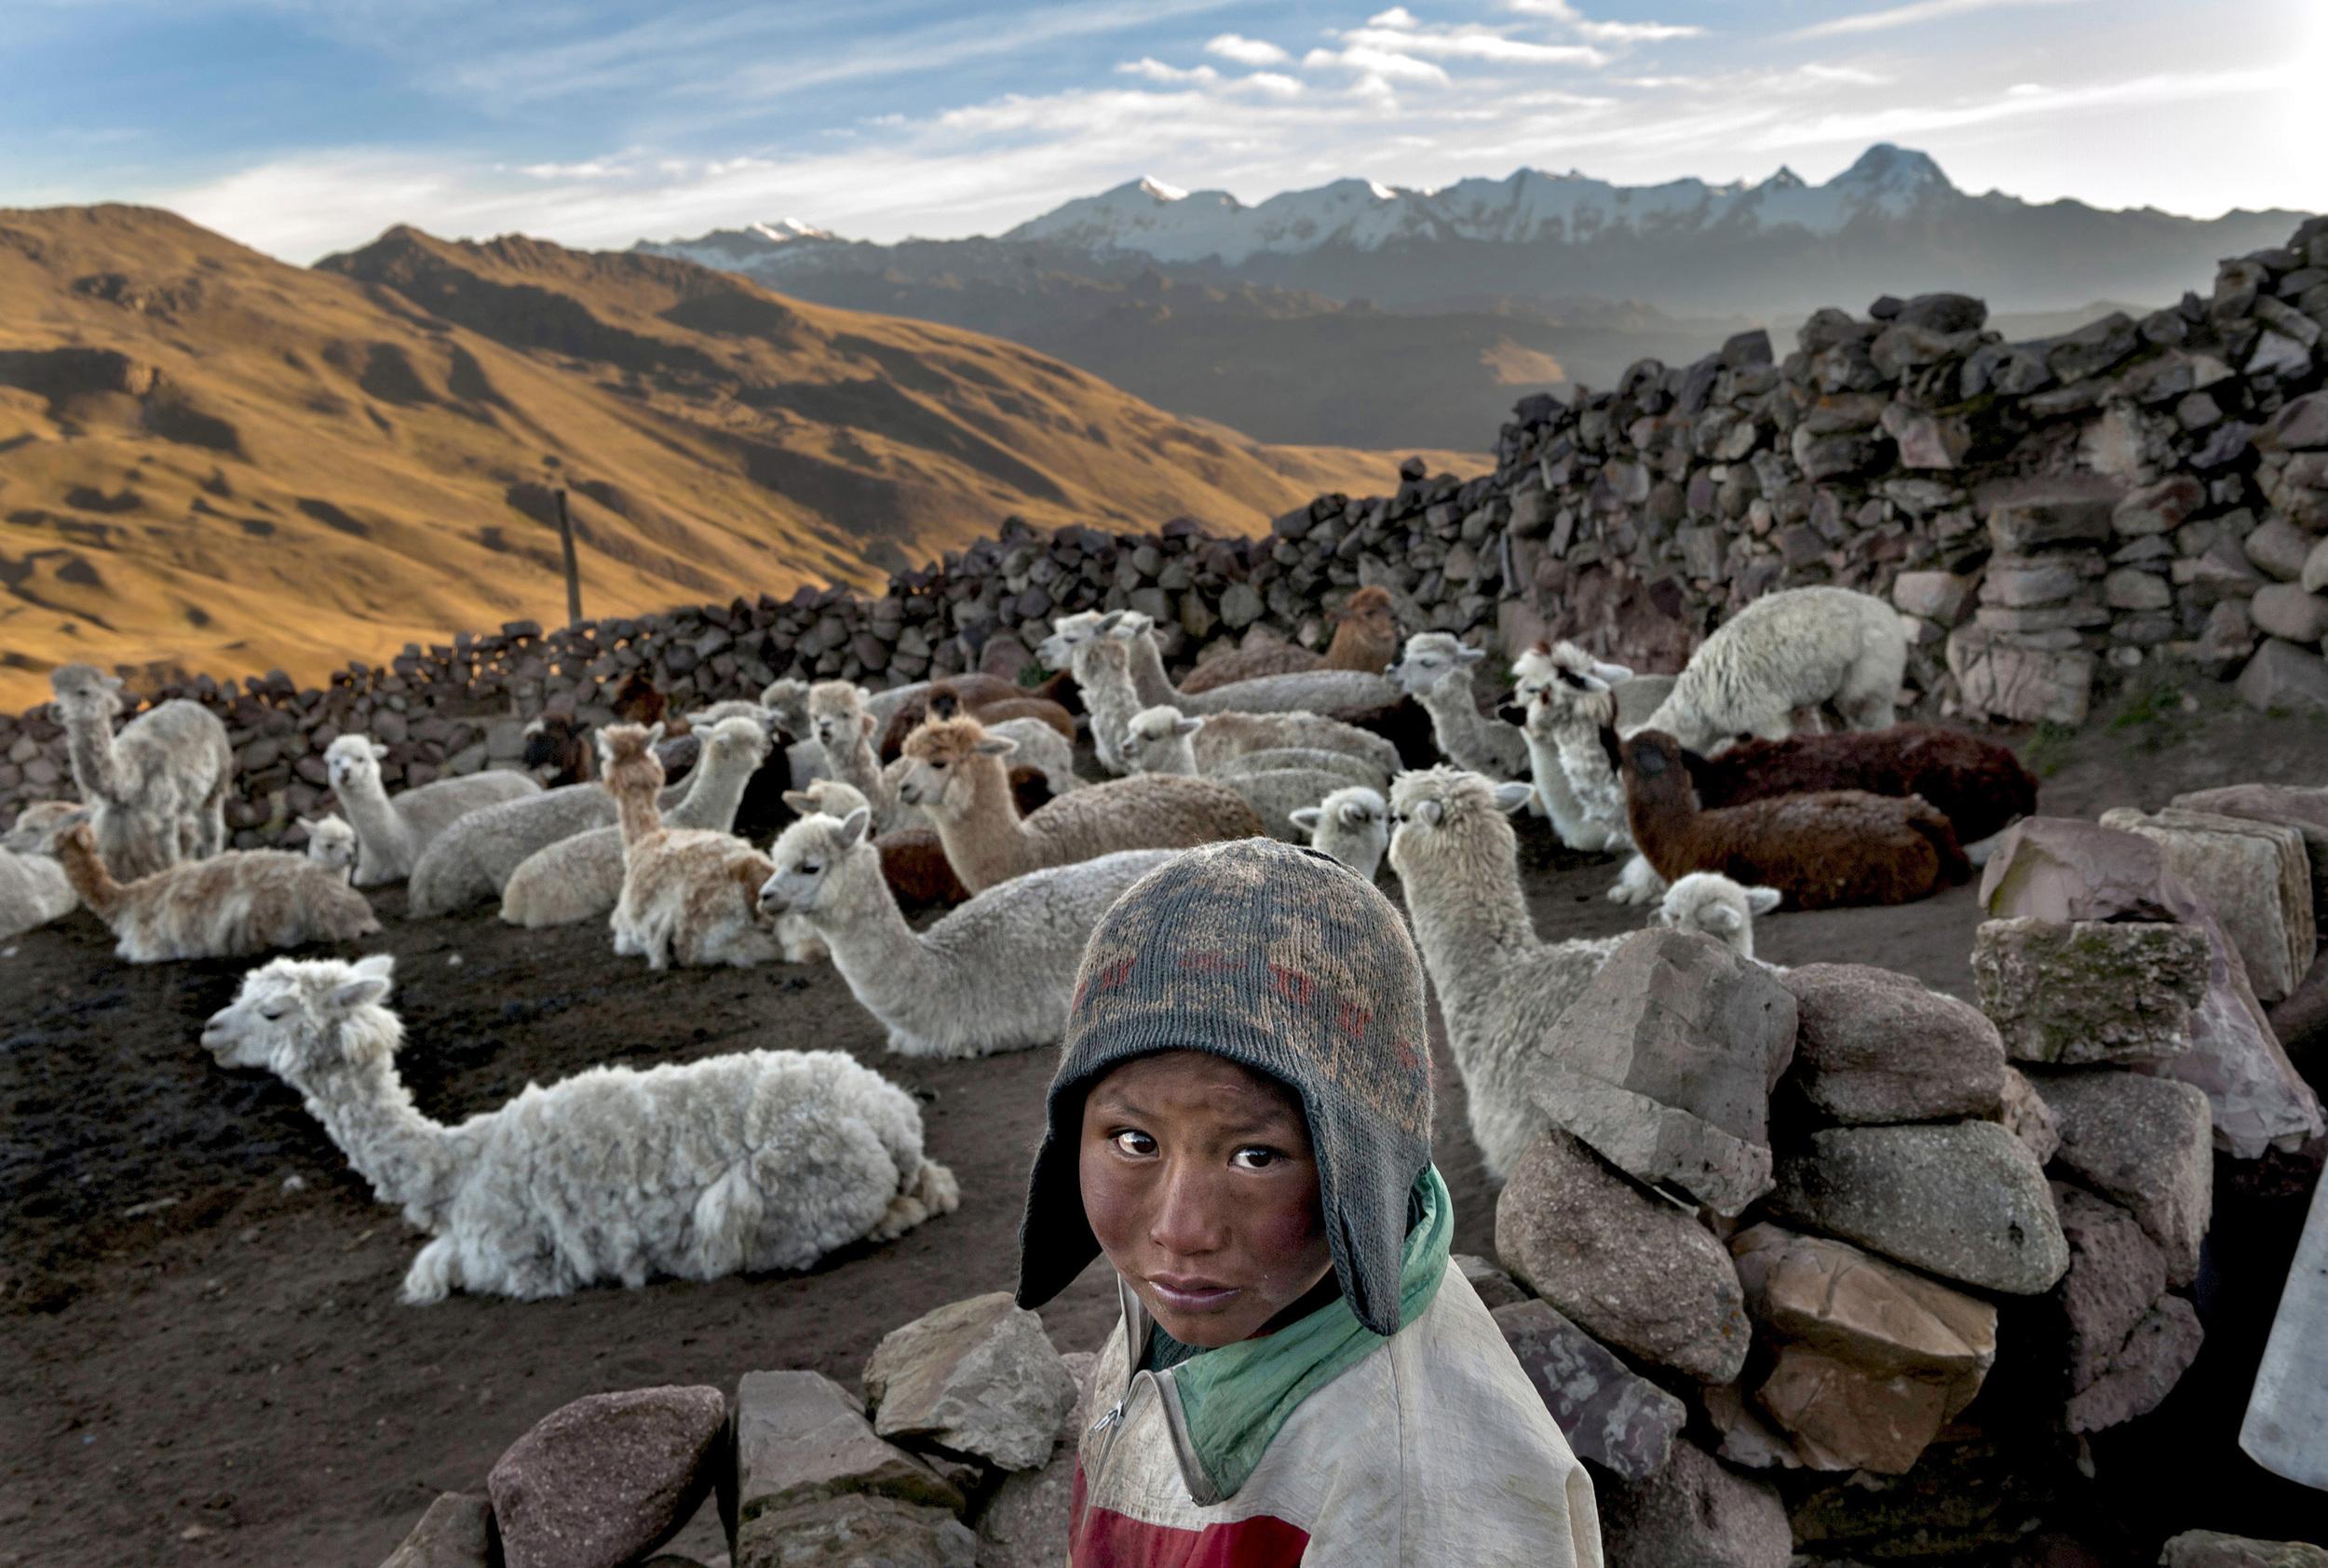 Child Herder in Bolivia © Renée C. Byer